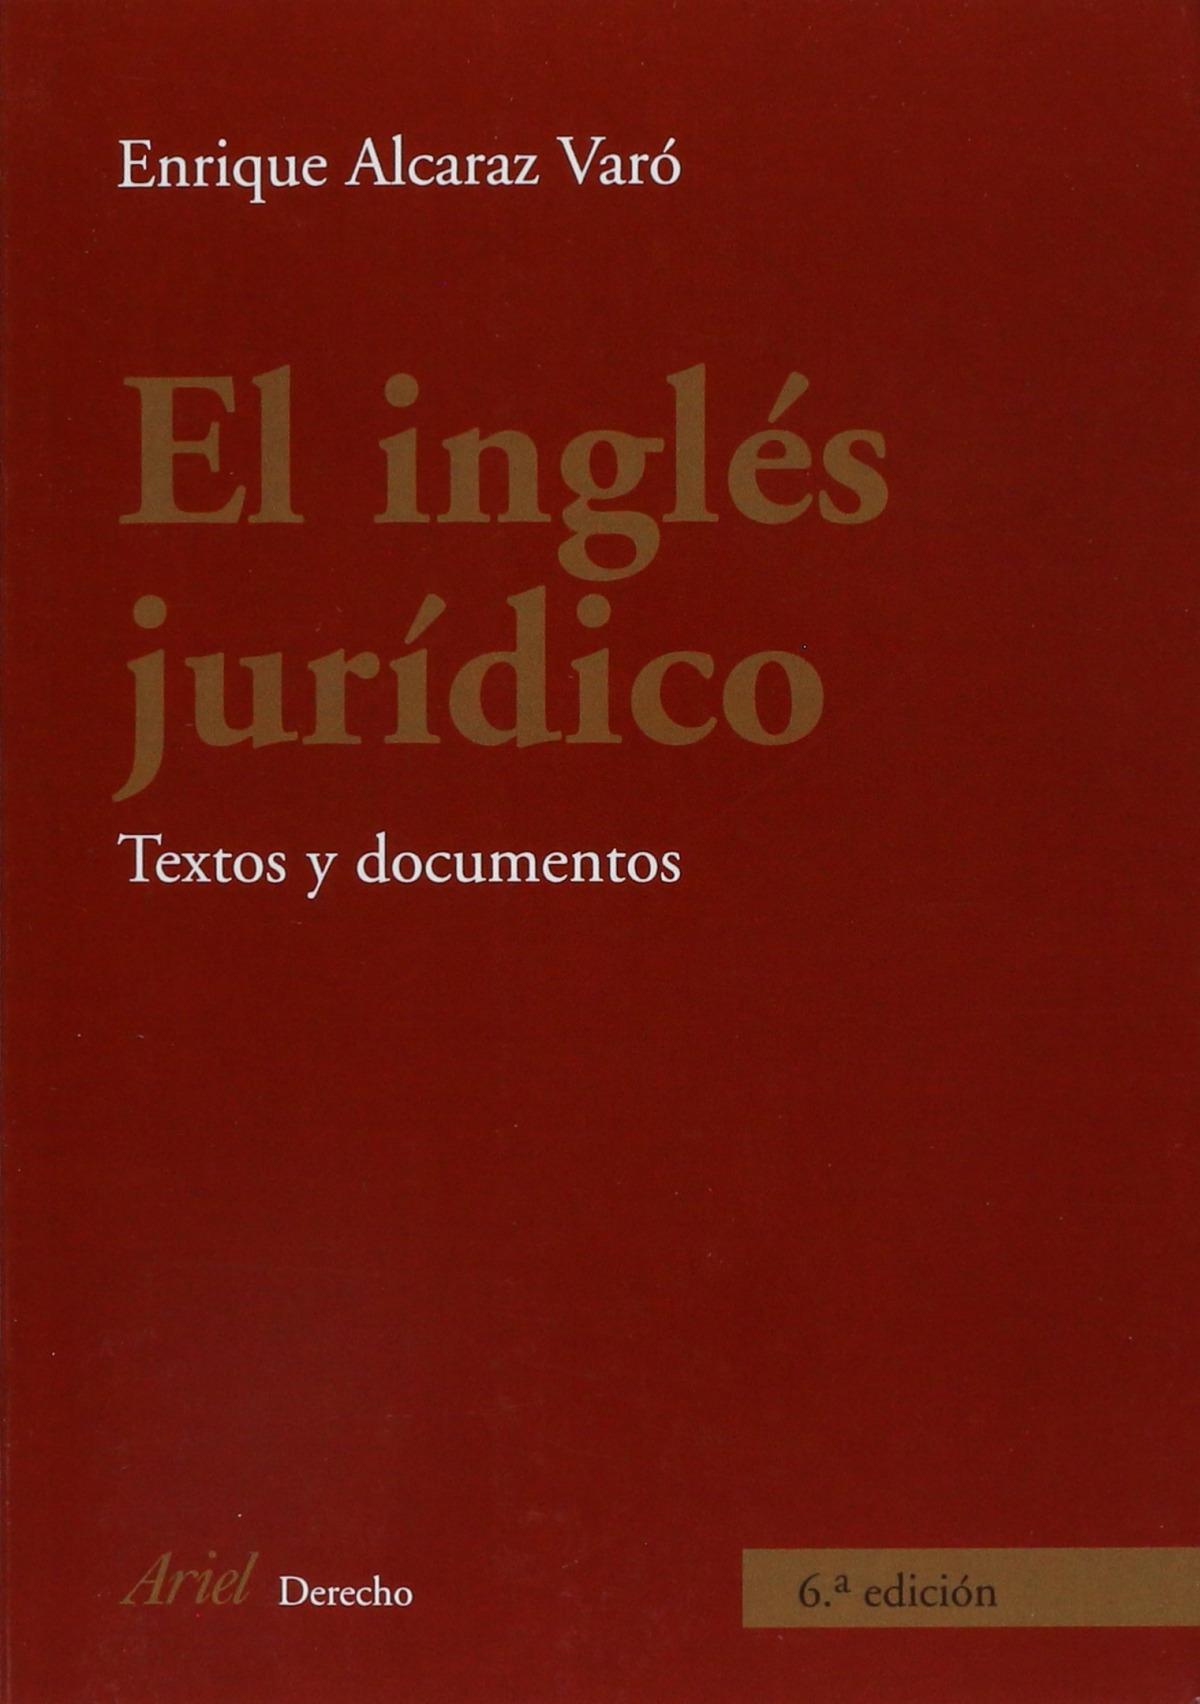 El inglés jurídico 9788434456006